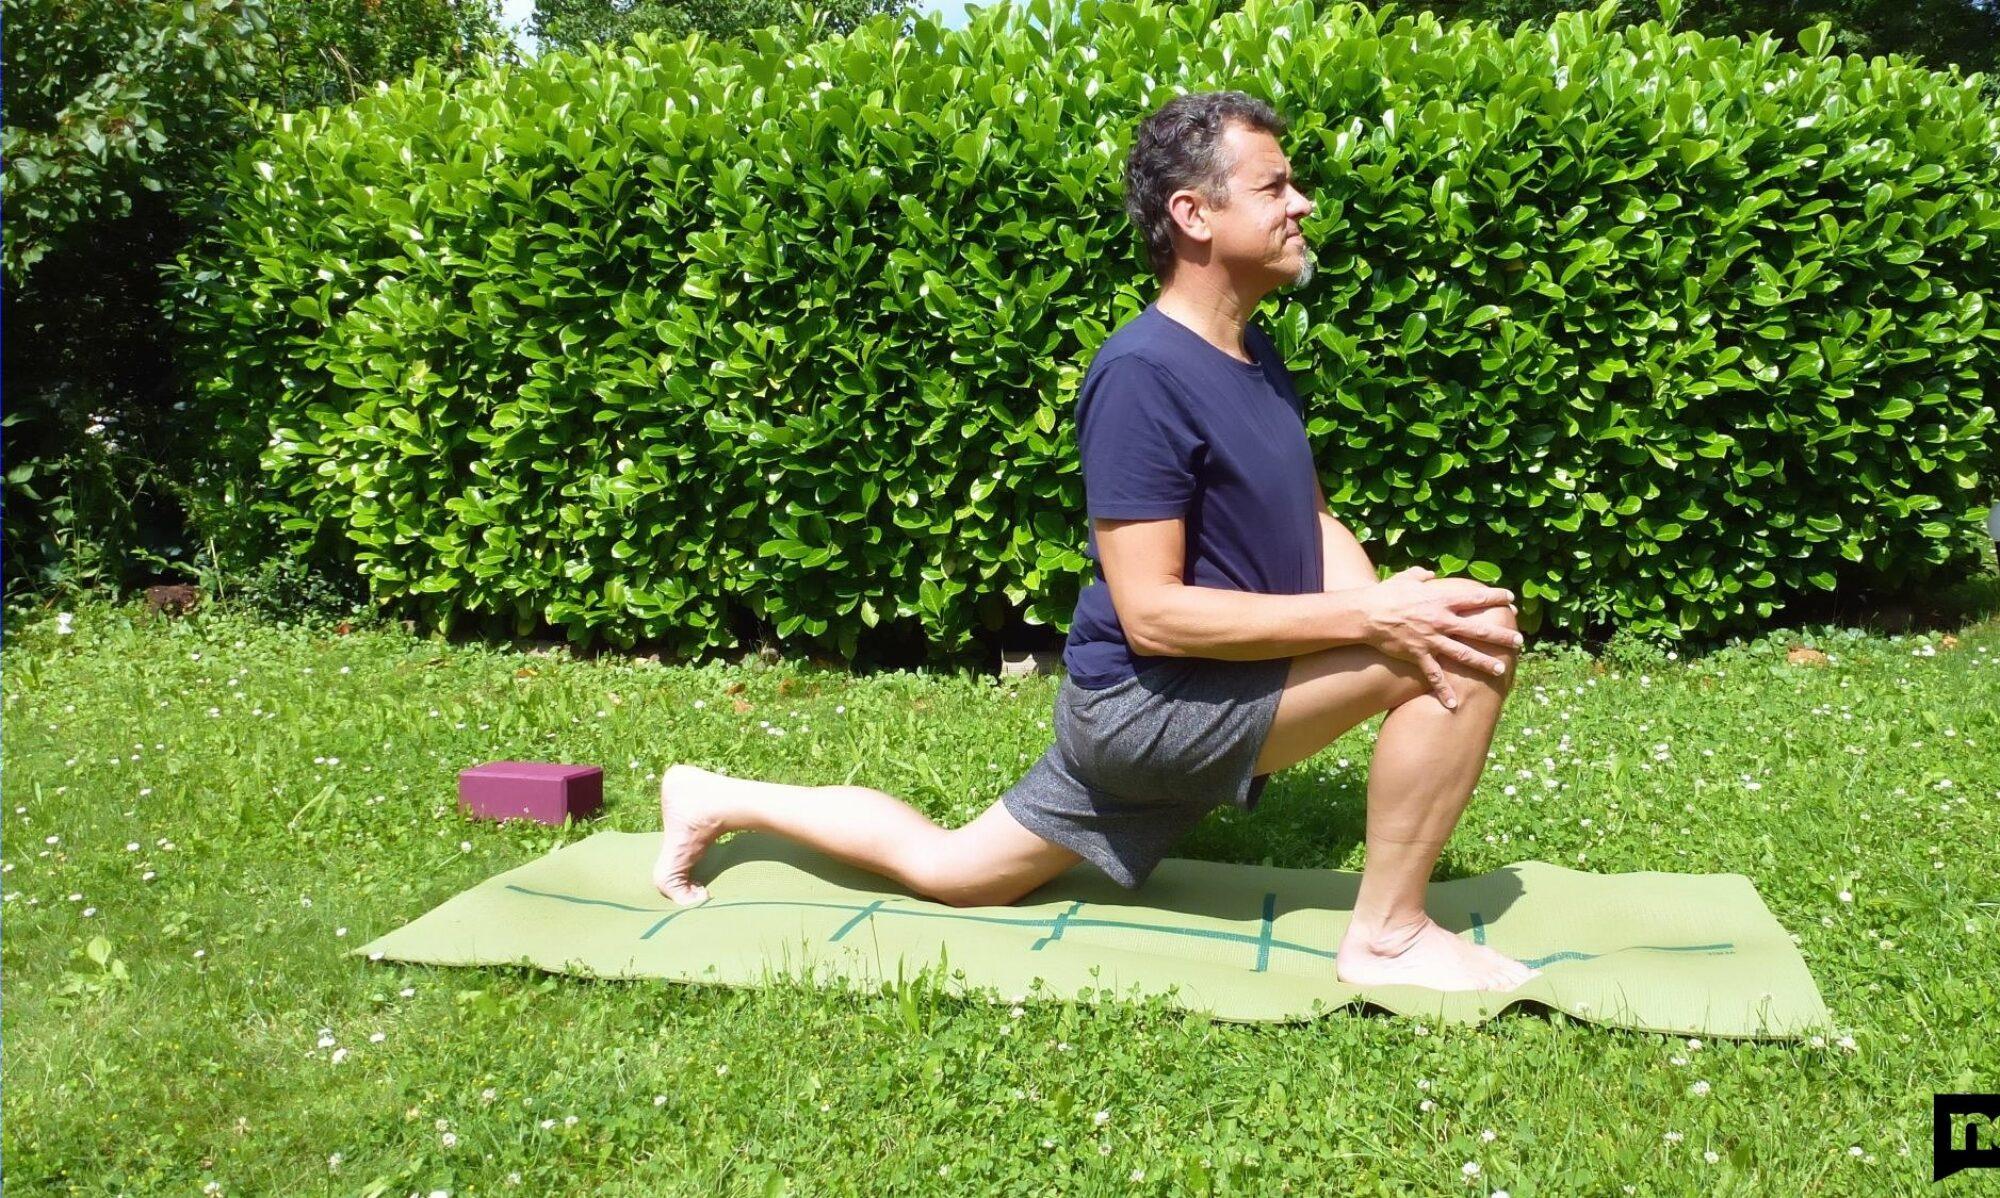 Gesundheits.Yoga | Hatha & Faszien Yoga sanft ? Yogakurse Einzelunterricht